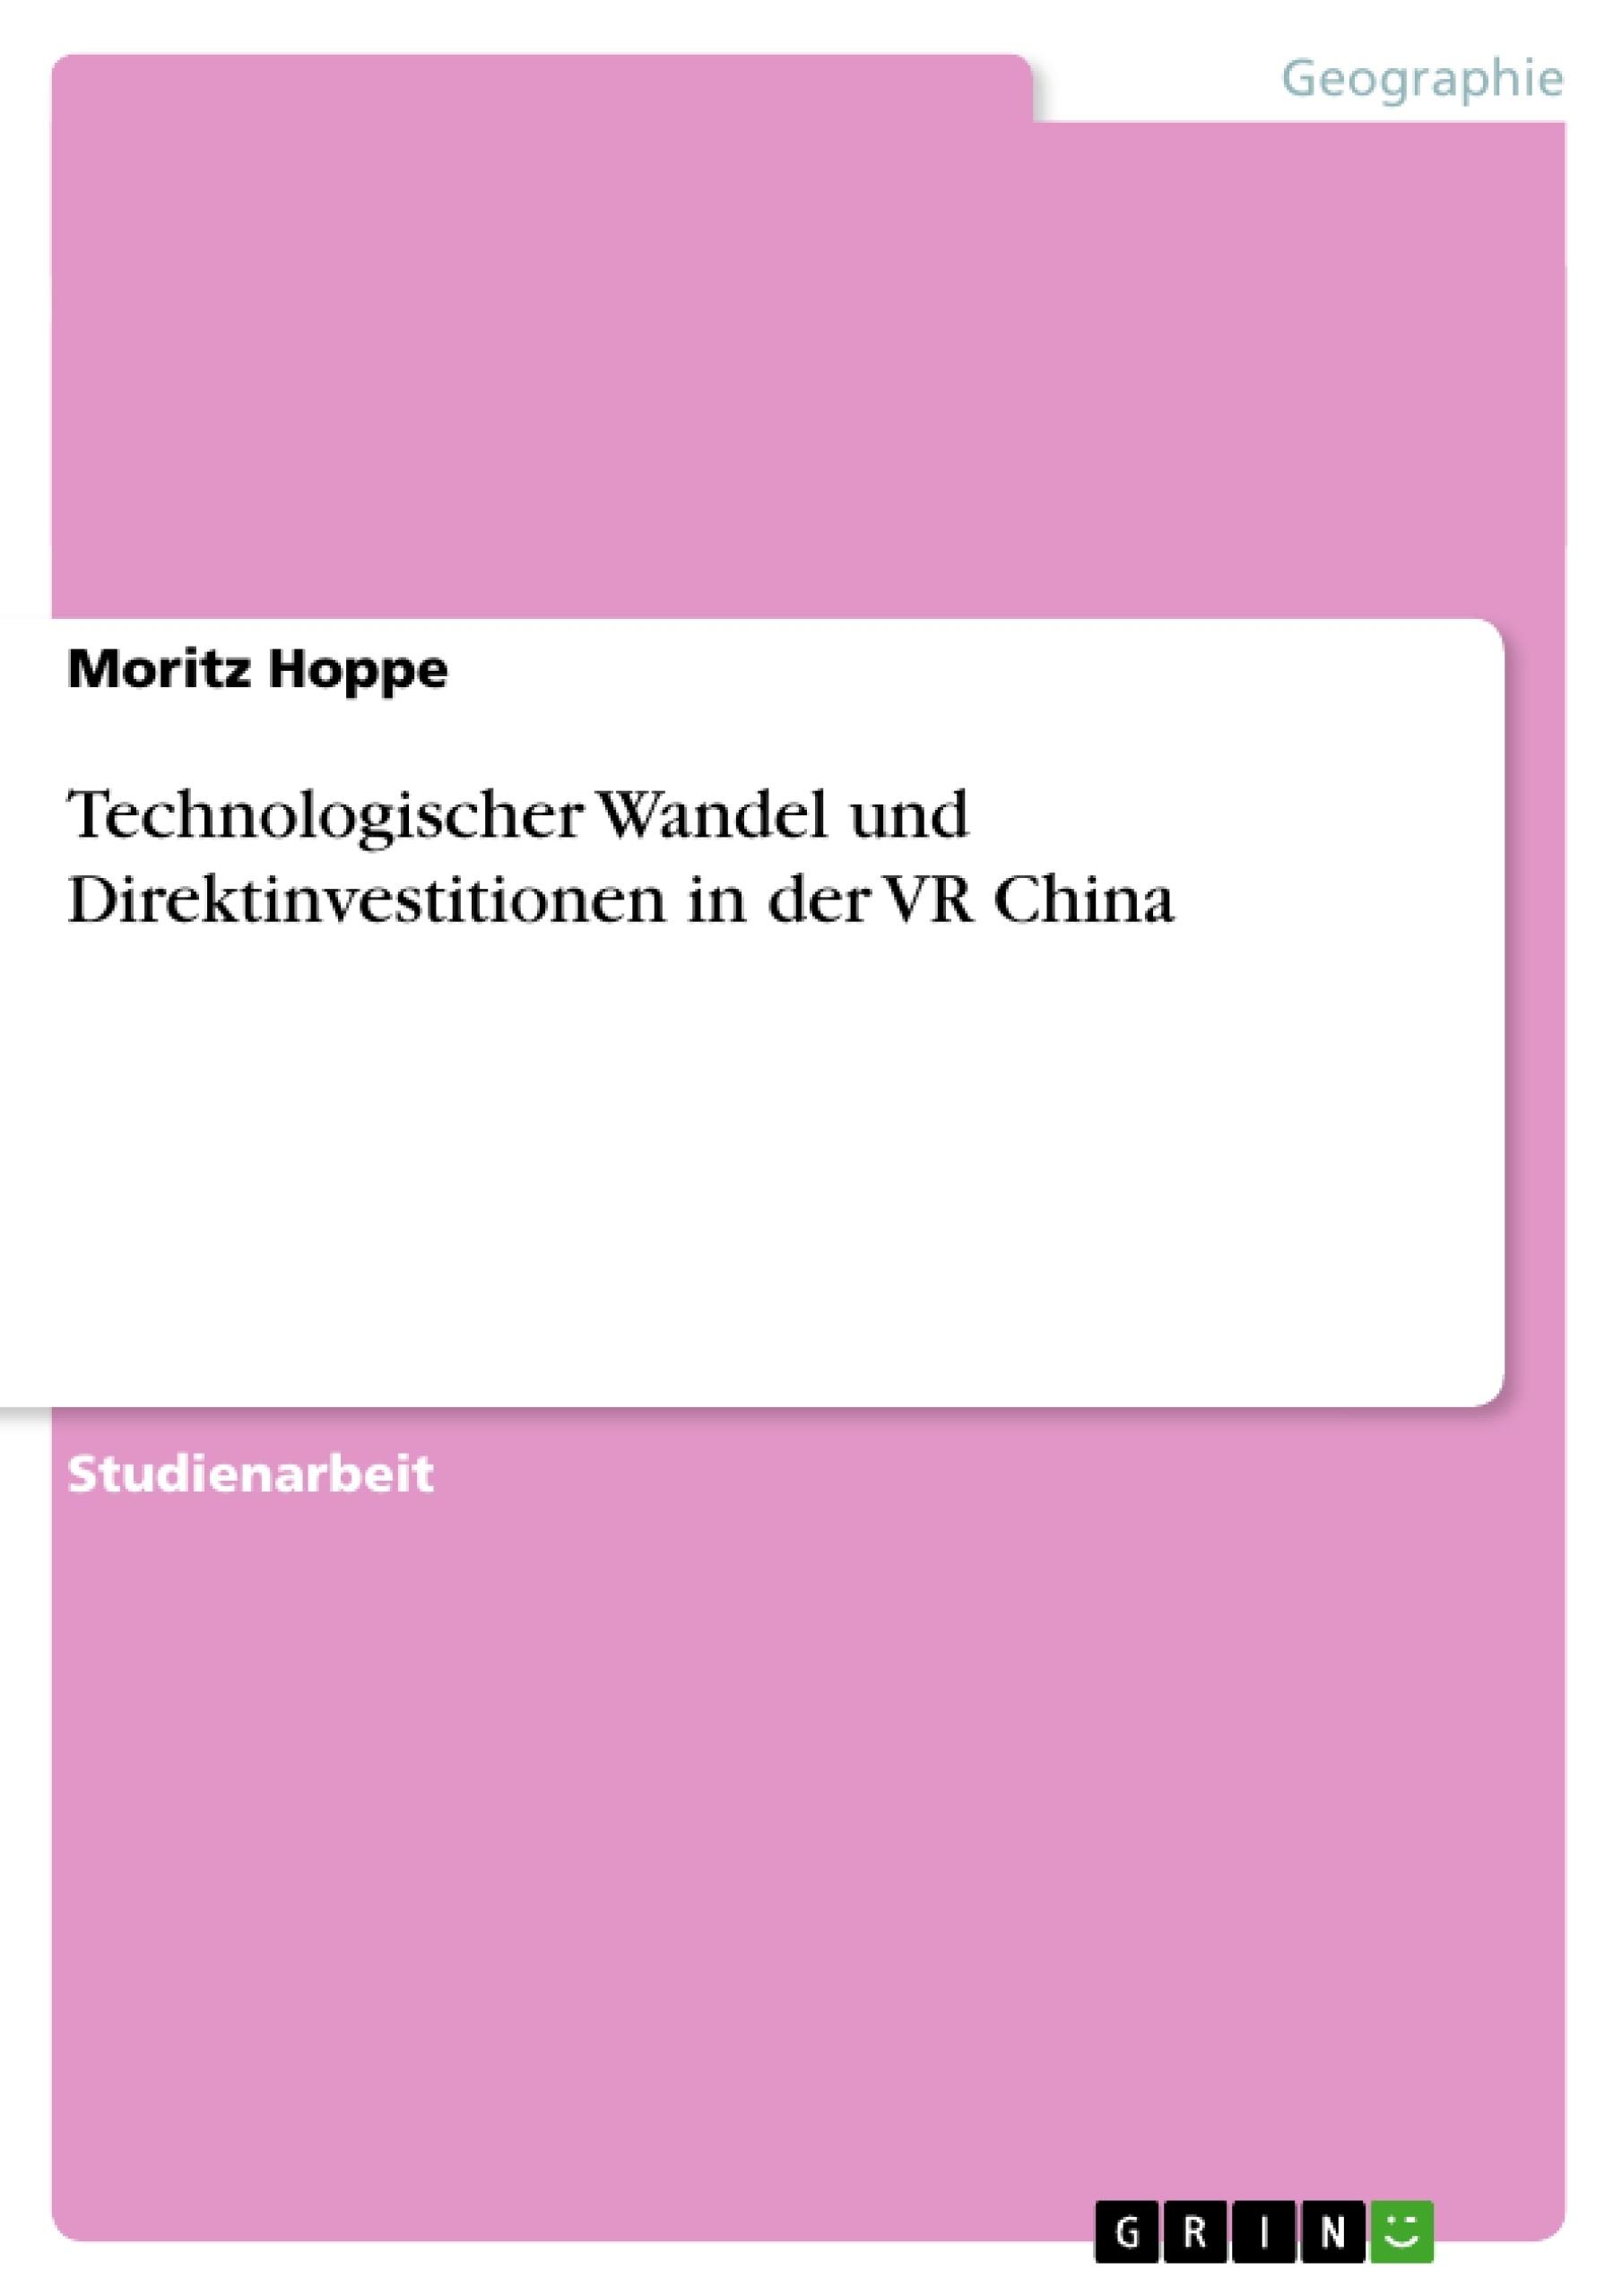 Titel: Technologischer Wandel und Direktinvestitionen in der VR China